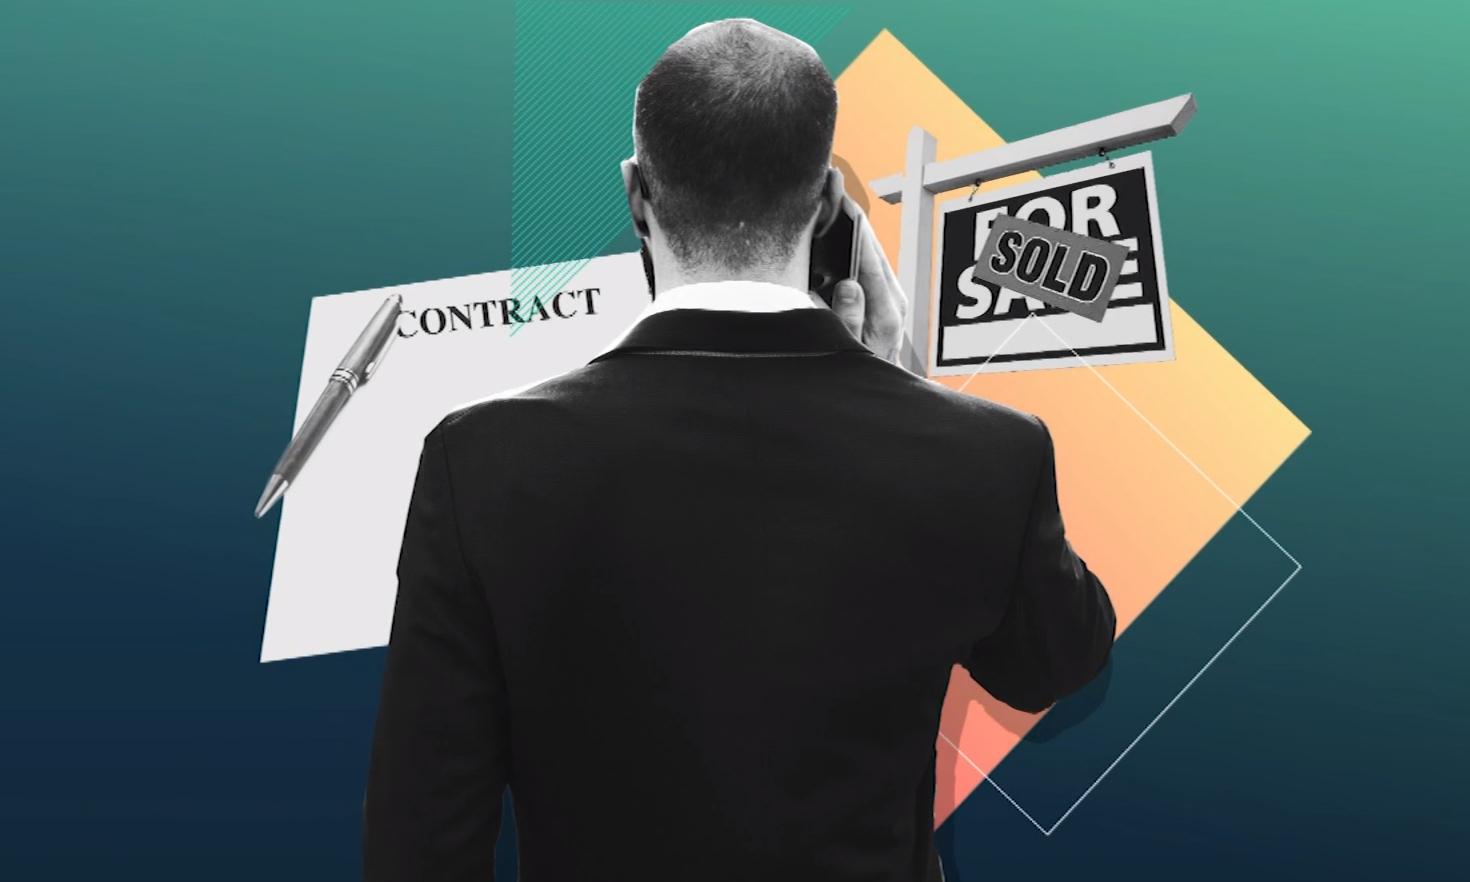 CNN, Door.com Shed Light on Real Estate Commission Lawsuit